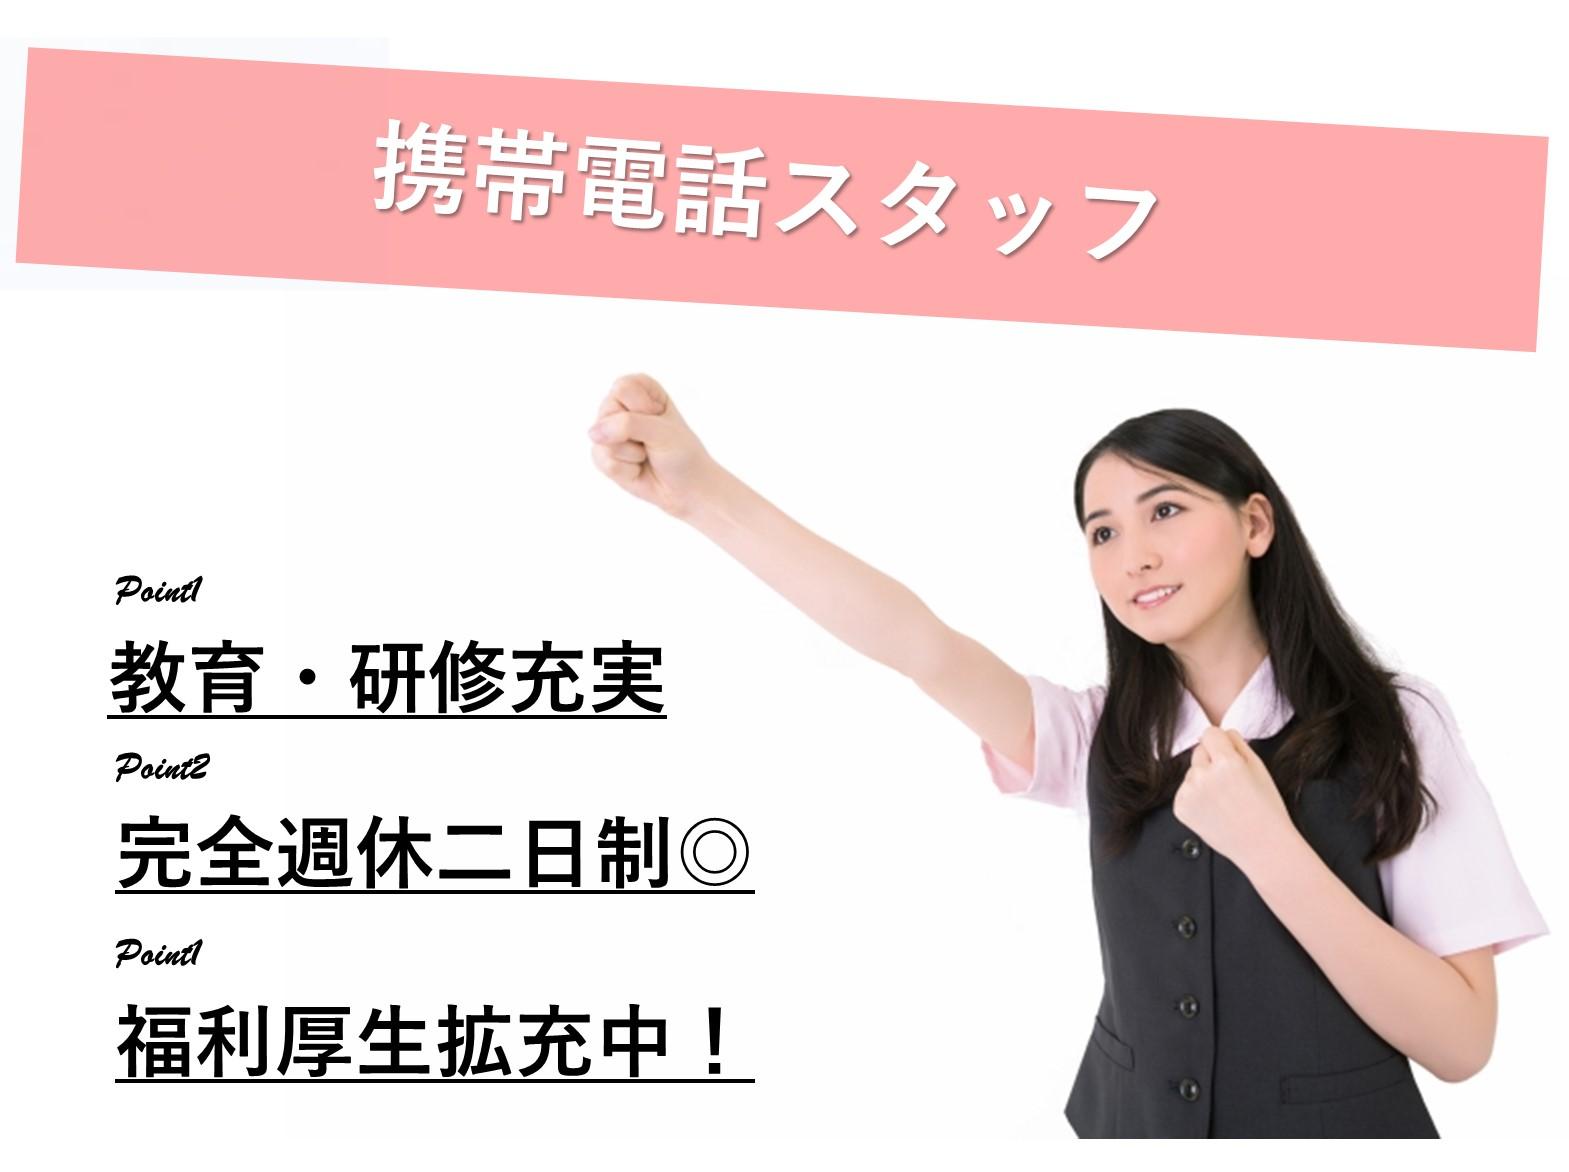 急募【愛知県清須市】残業ほぼなし◎働きやすい♪携帯電話スタッフ イメージ